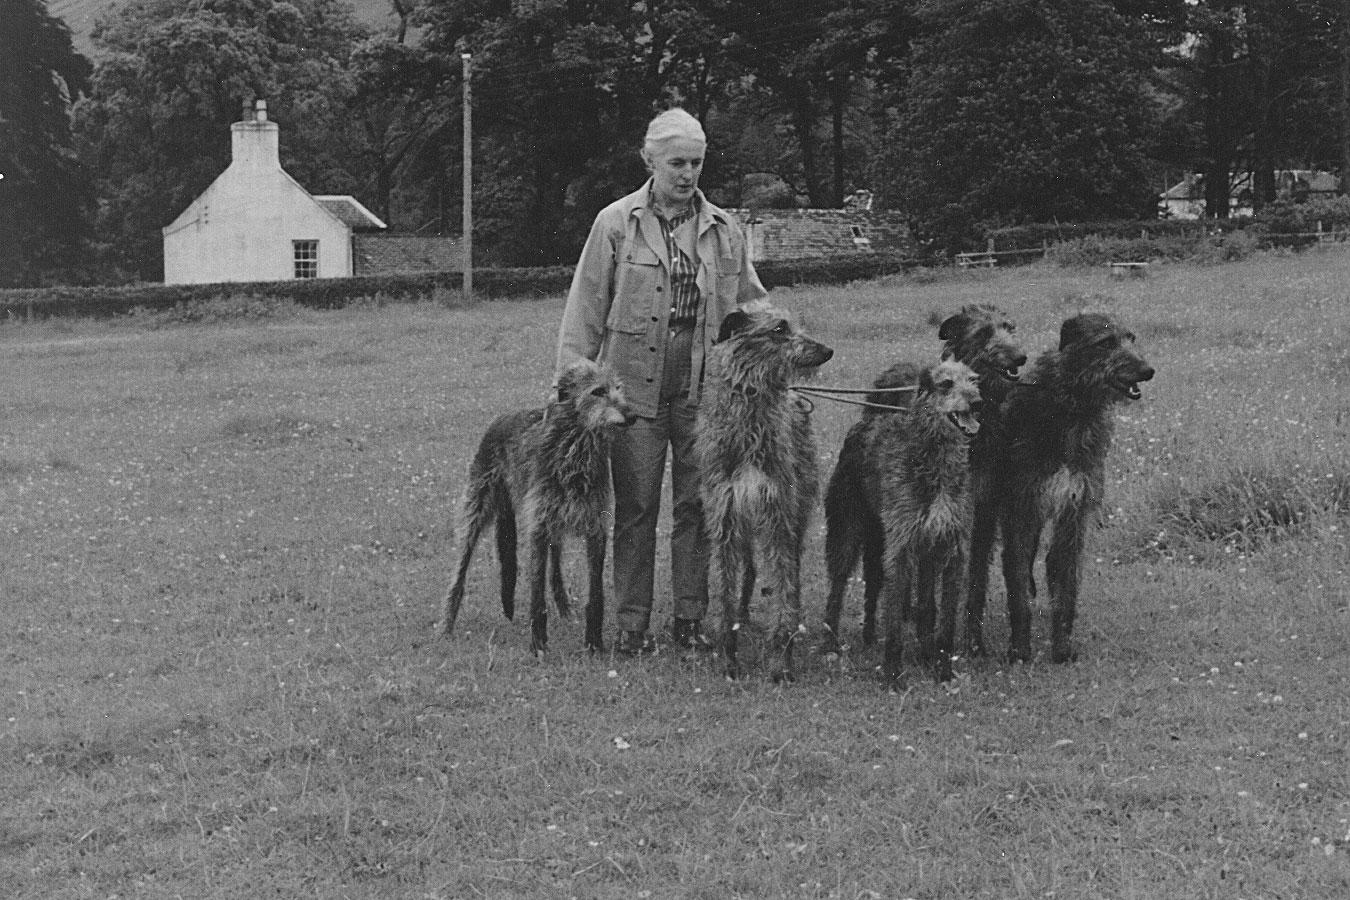 1968 photo of Ch. Wilhelmina of Ardkinglas (b. 1957, Ulric of Ardkinglas x Ch. Stella of Ardkinglas), Kevin of Ardkinglas (b. 1965, Juniper of Ardkinglas x Anina of Kylewood), Ailsa of Orbost (b. 1963, Ch. Fitzroy of Ardkinglas x Morag of Craigencuilean),  Ch. Nadia of Ardkinglas (b. 1964, Bosun of Geltsdale x Ch. Aurora of Ardkinglas Juniper of Ardkinglas, b. 1963 Ch. Fitzroy of Ardkinglas x Ch. Stella of Ardkinglas)